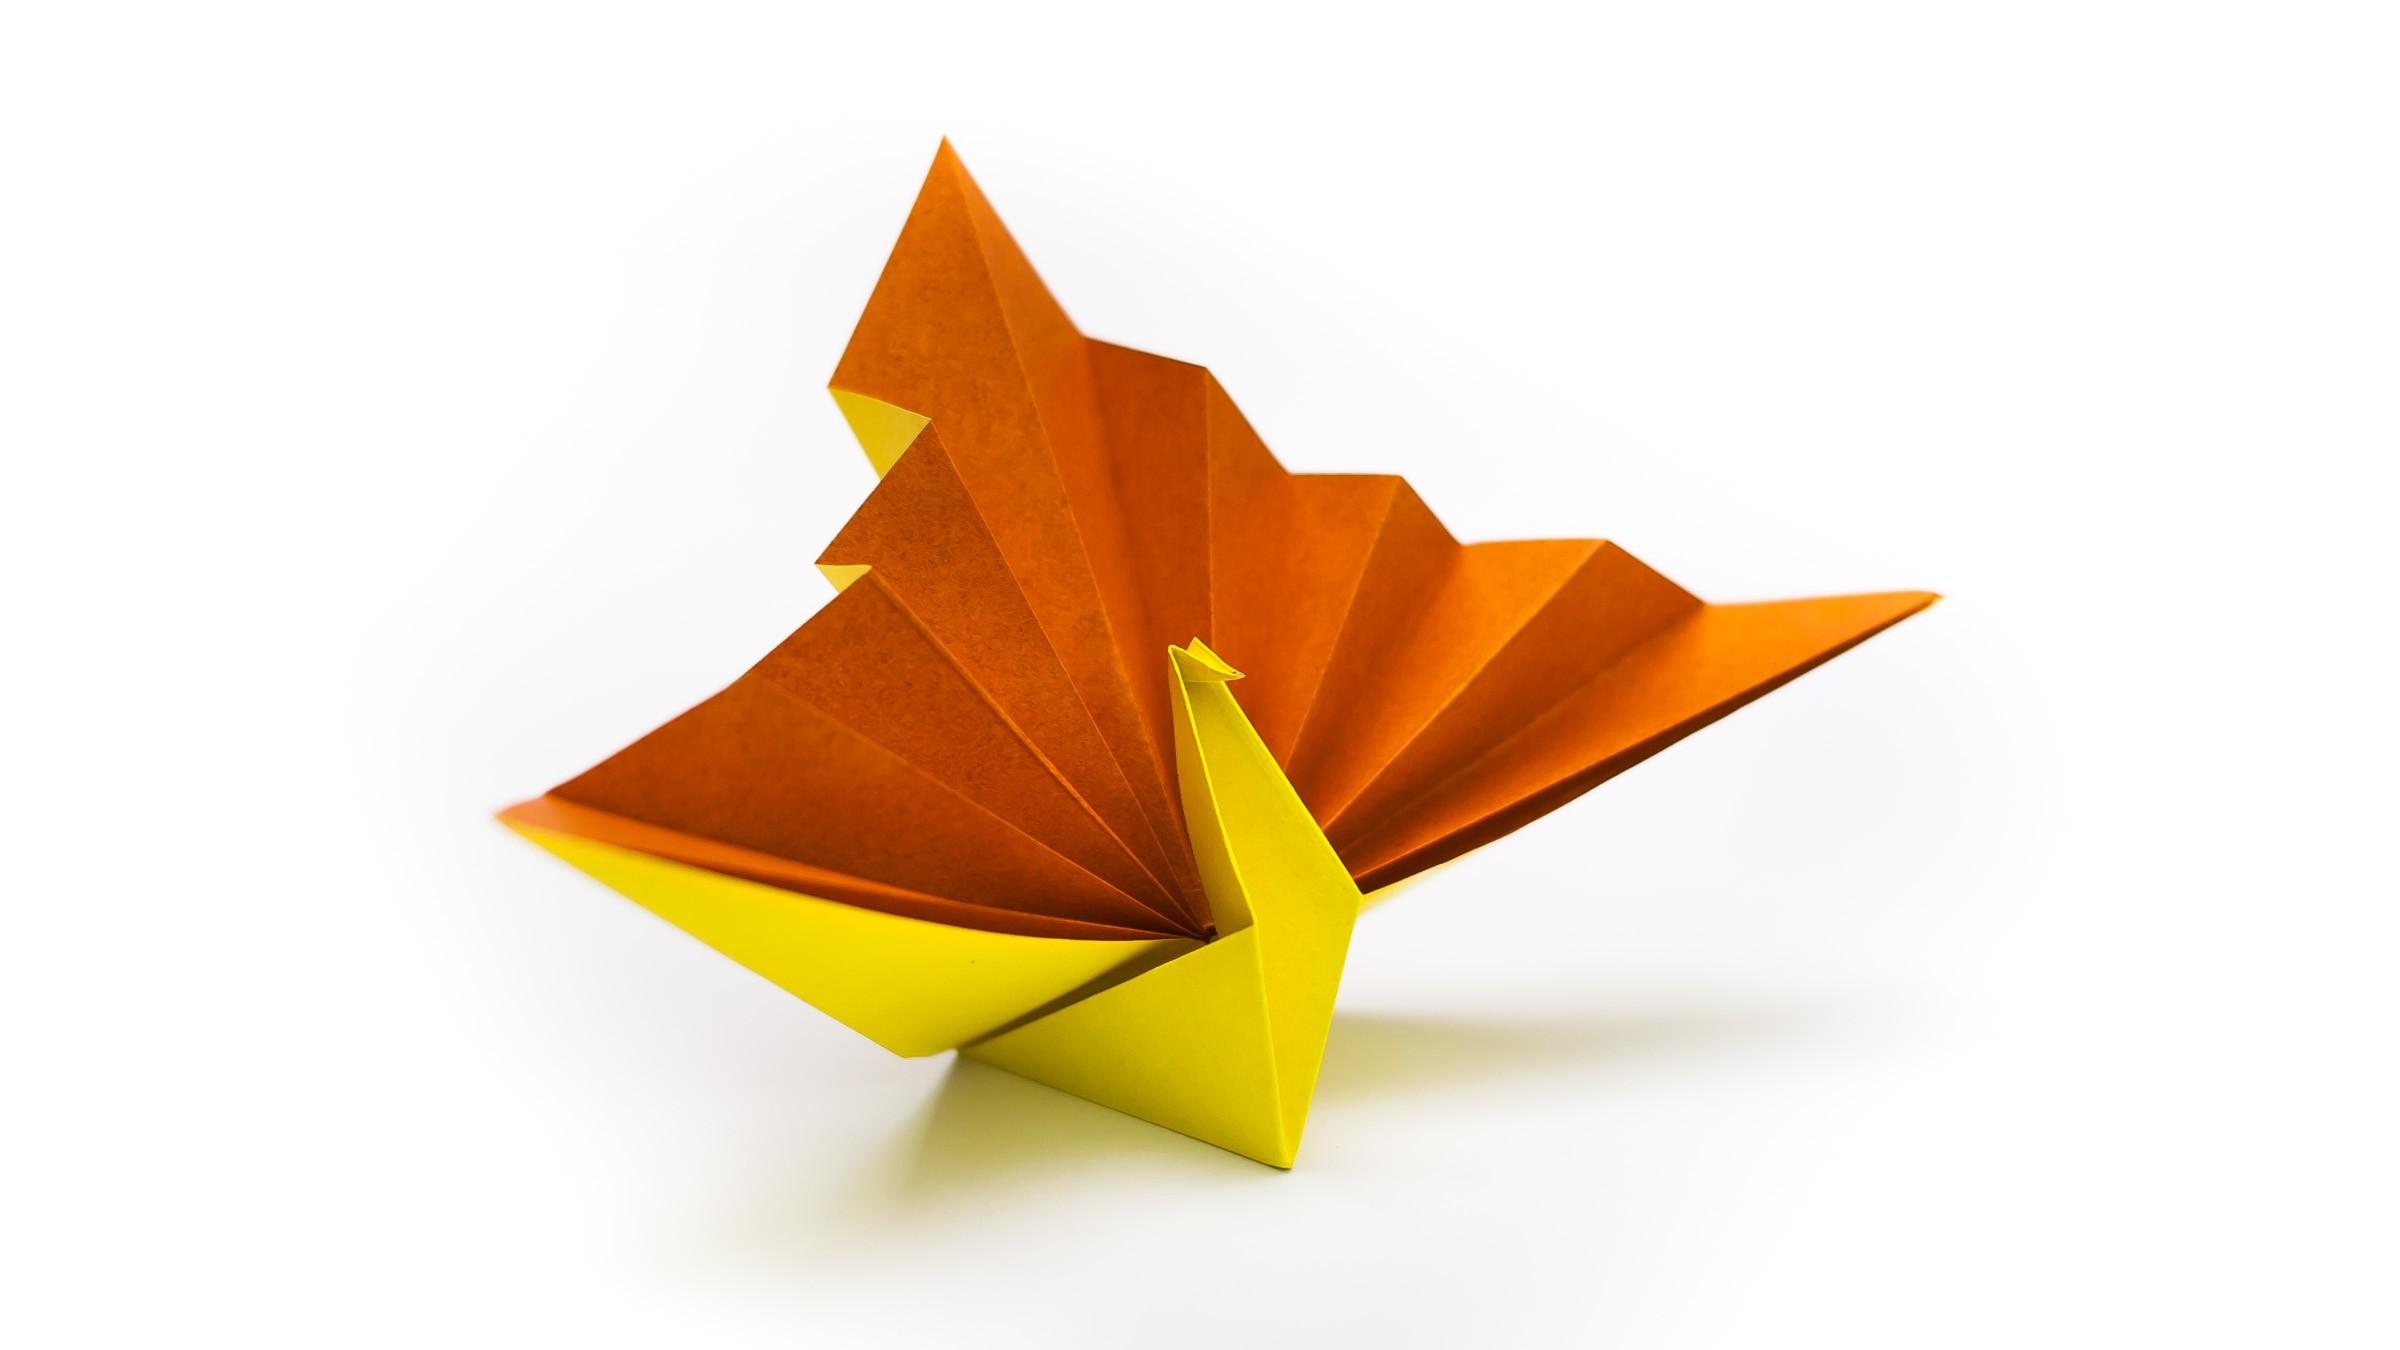 วิธีพับกระดาษเป็นรูปนกยูง (Origami Peacock - ピーコックの折り紙) D